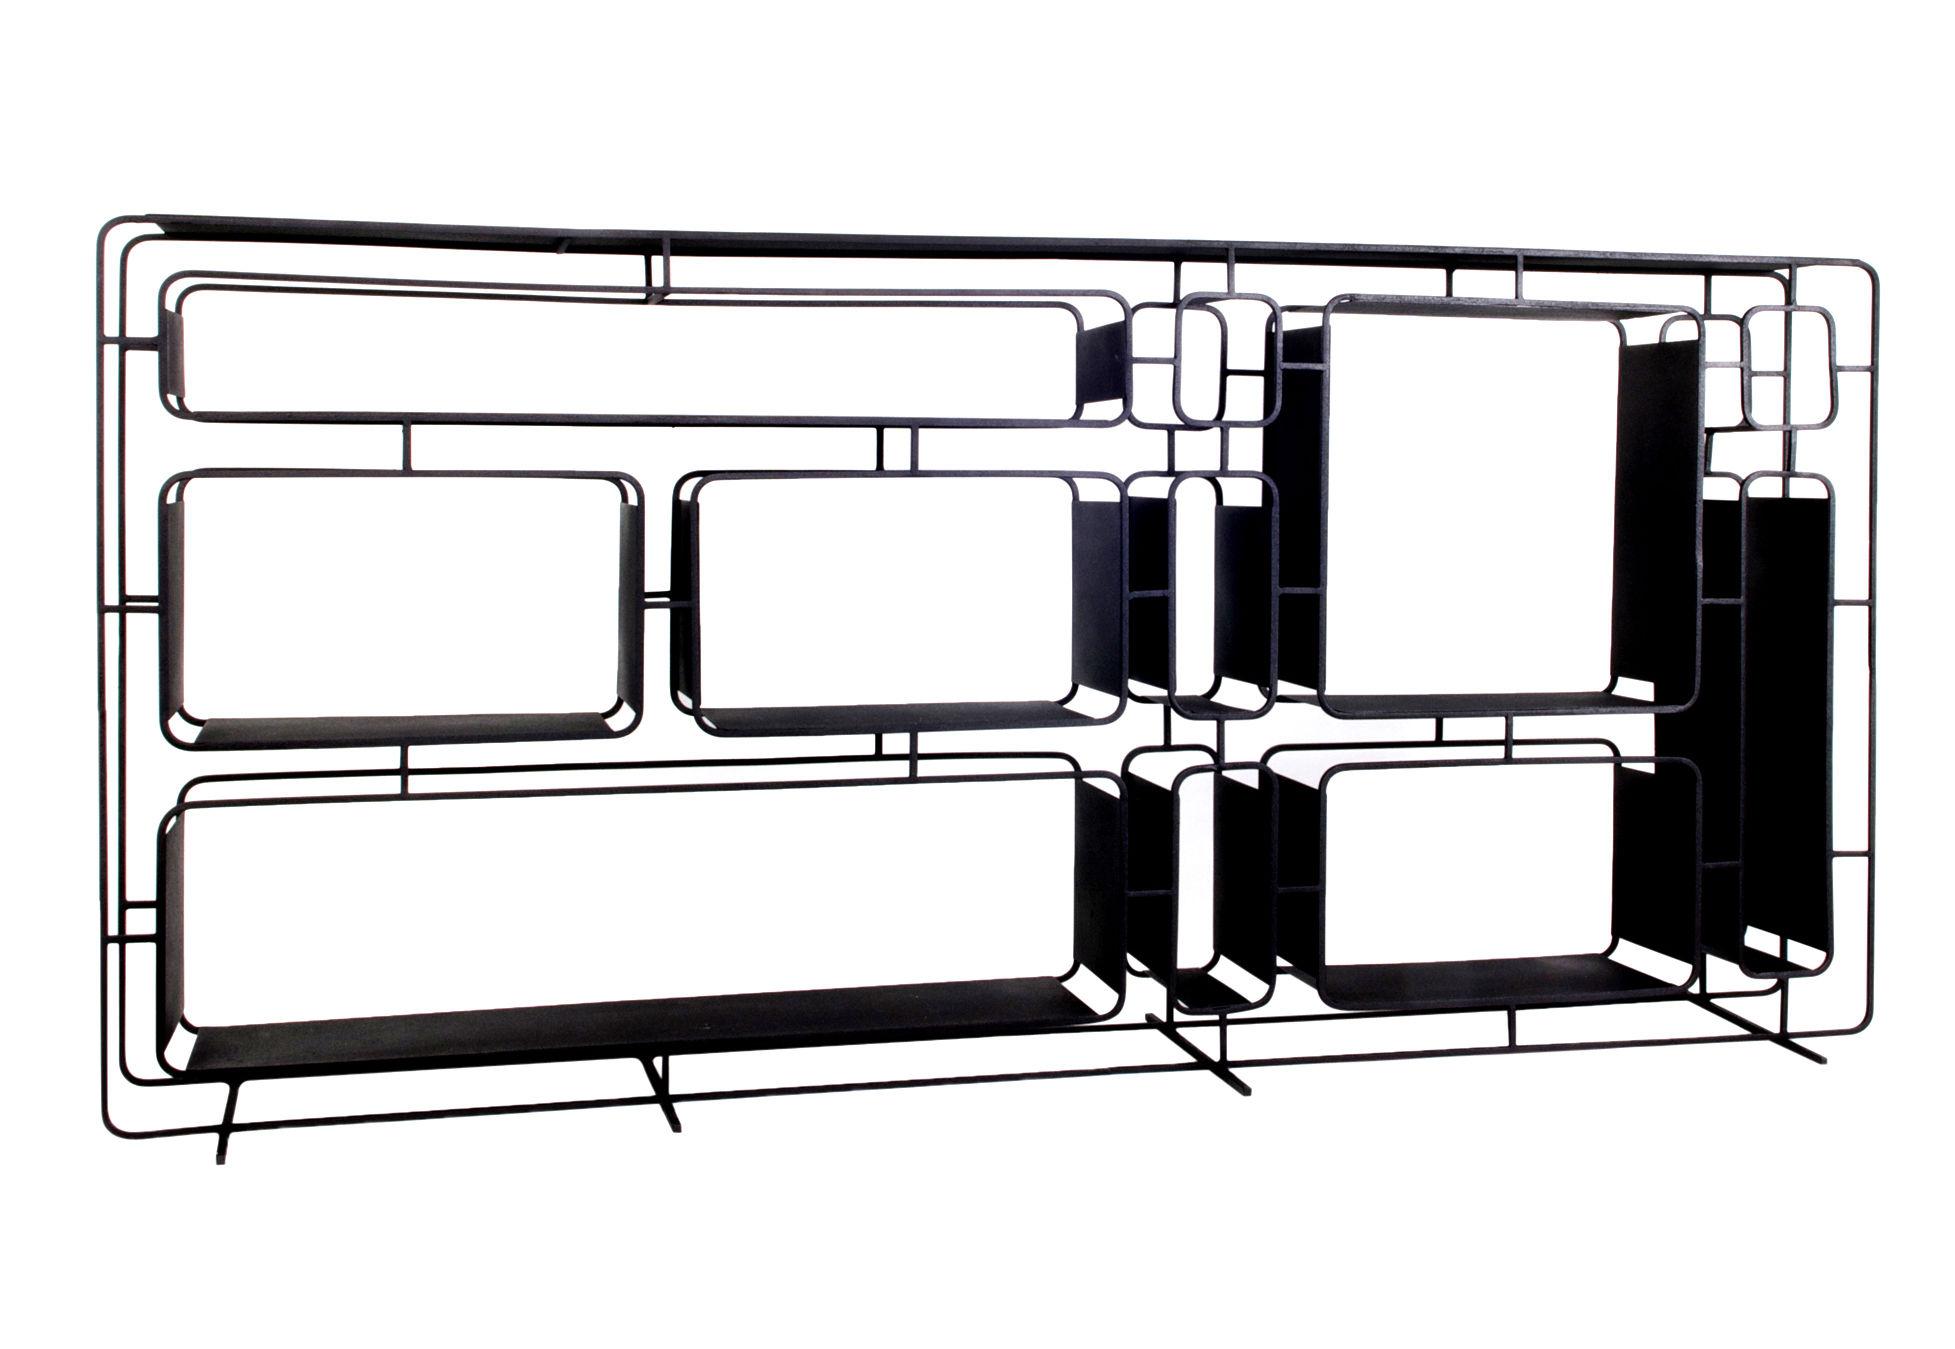 Mobilier - Etagères & bibliothèques - Etagère Project L. / Métal - L 165 x H 78 cm - XL Boom - Noir - Fer peint